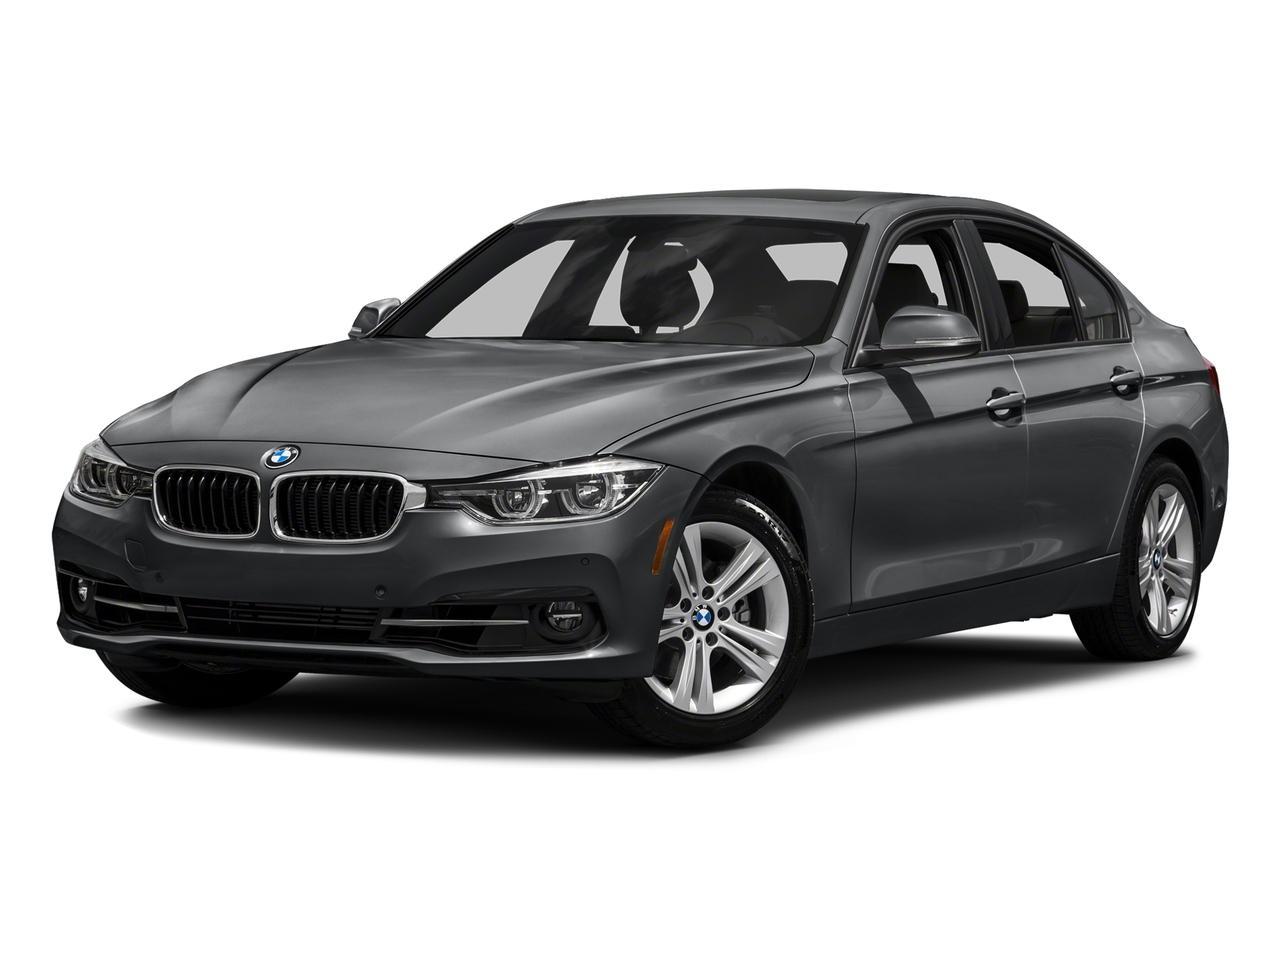 2018 BMW 330i Vehicle Photo in TUCSON, AZ 85705-6014